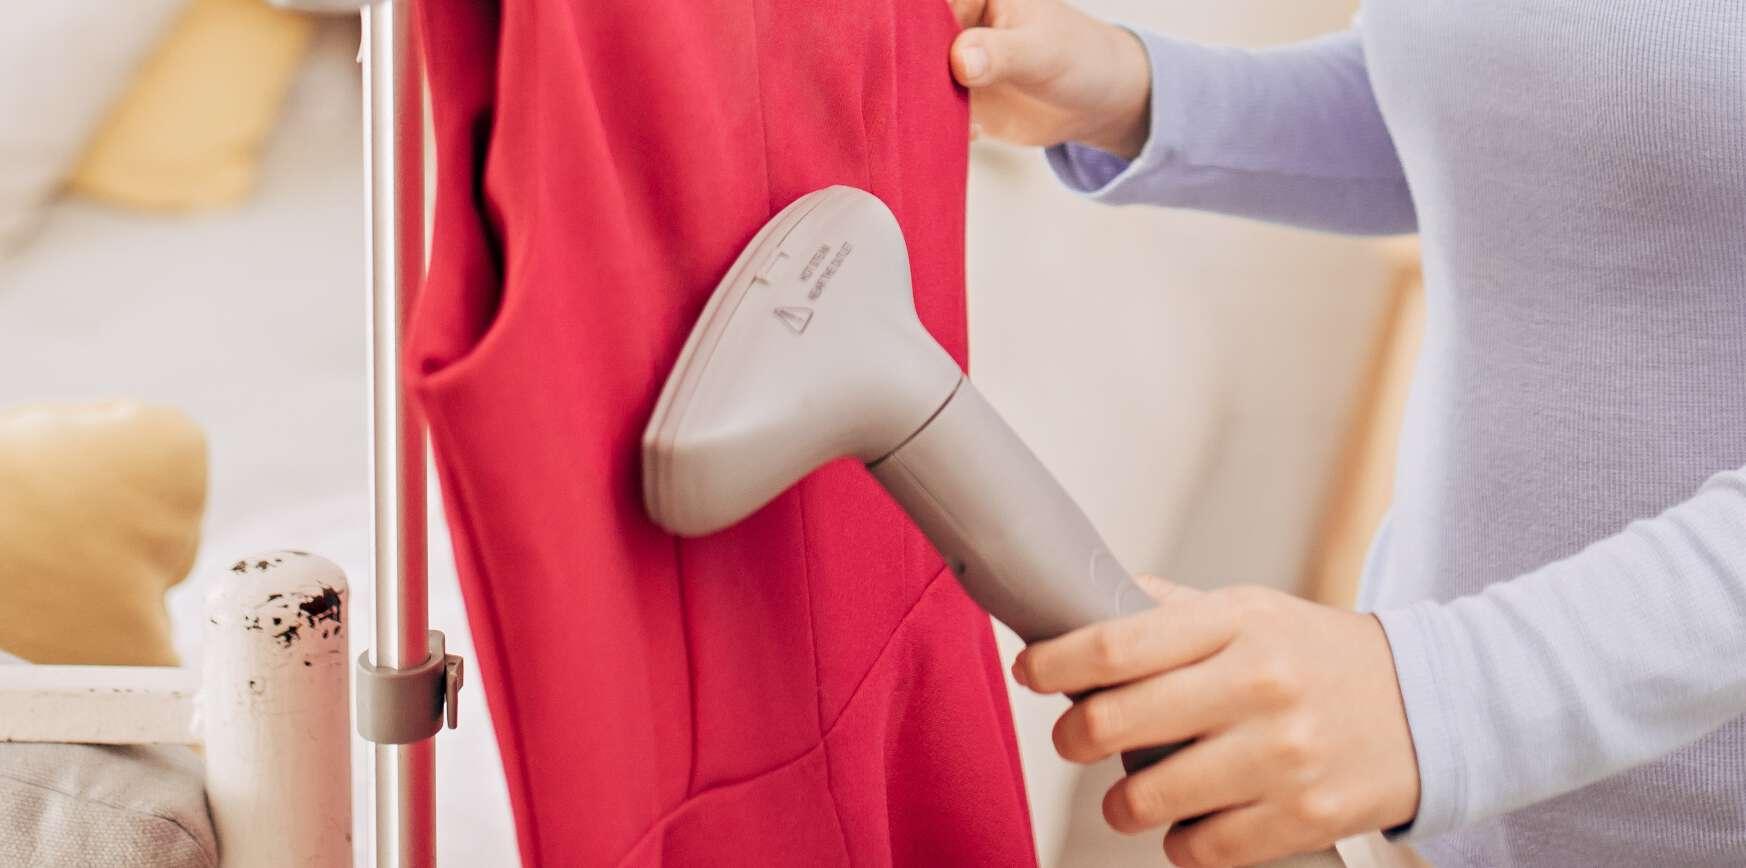 Vaporizador de roupas: Qual é o melhor de 2020?